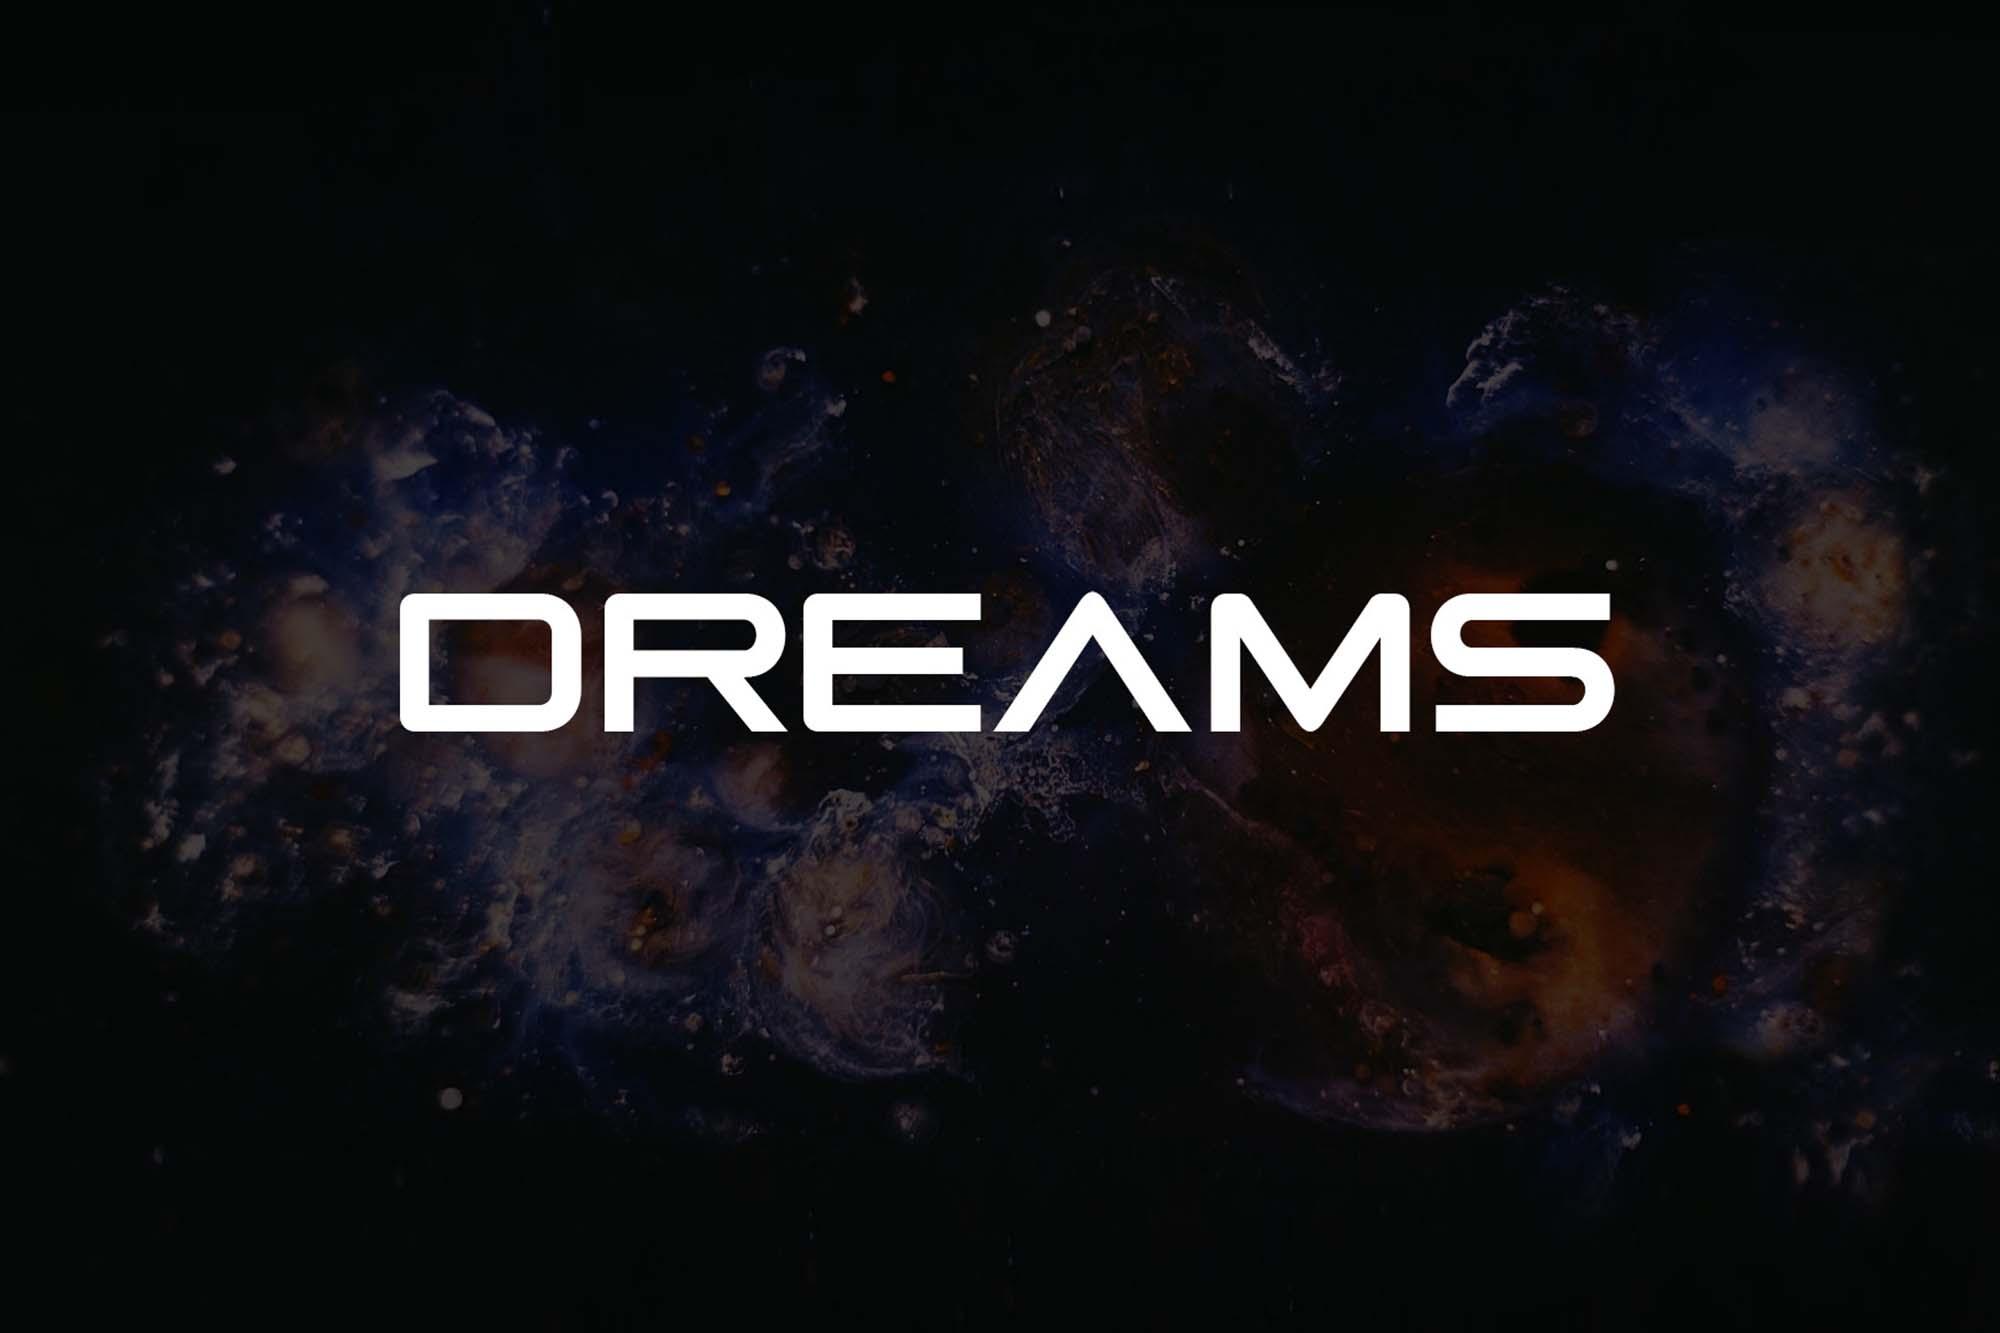 Dreams Typeface